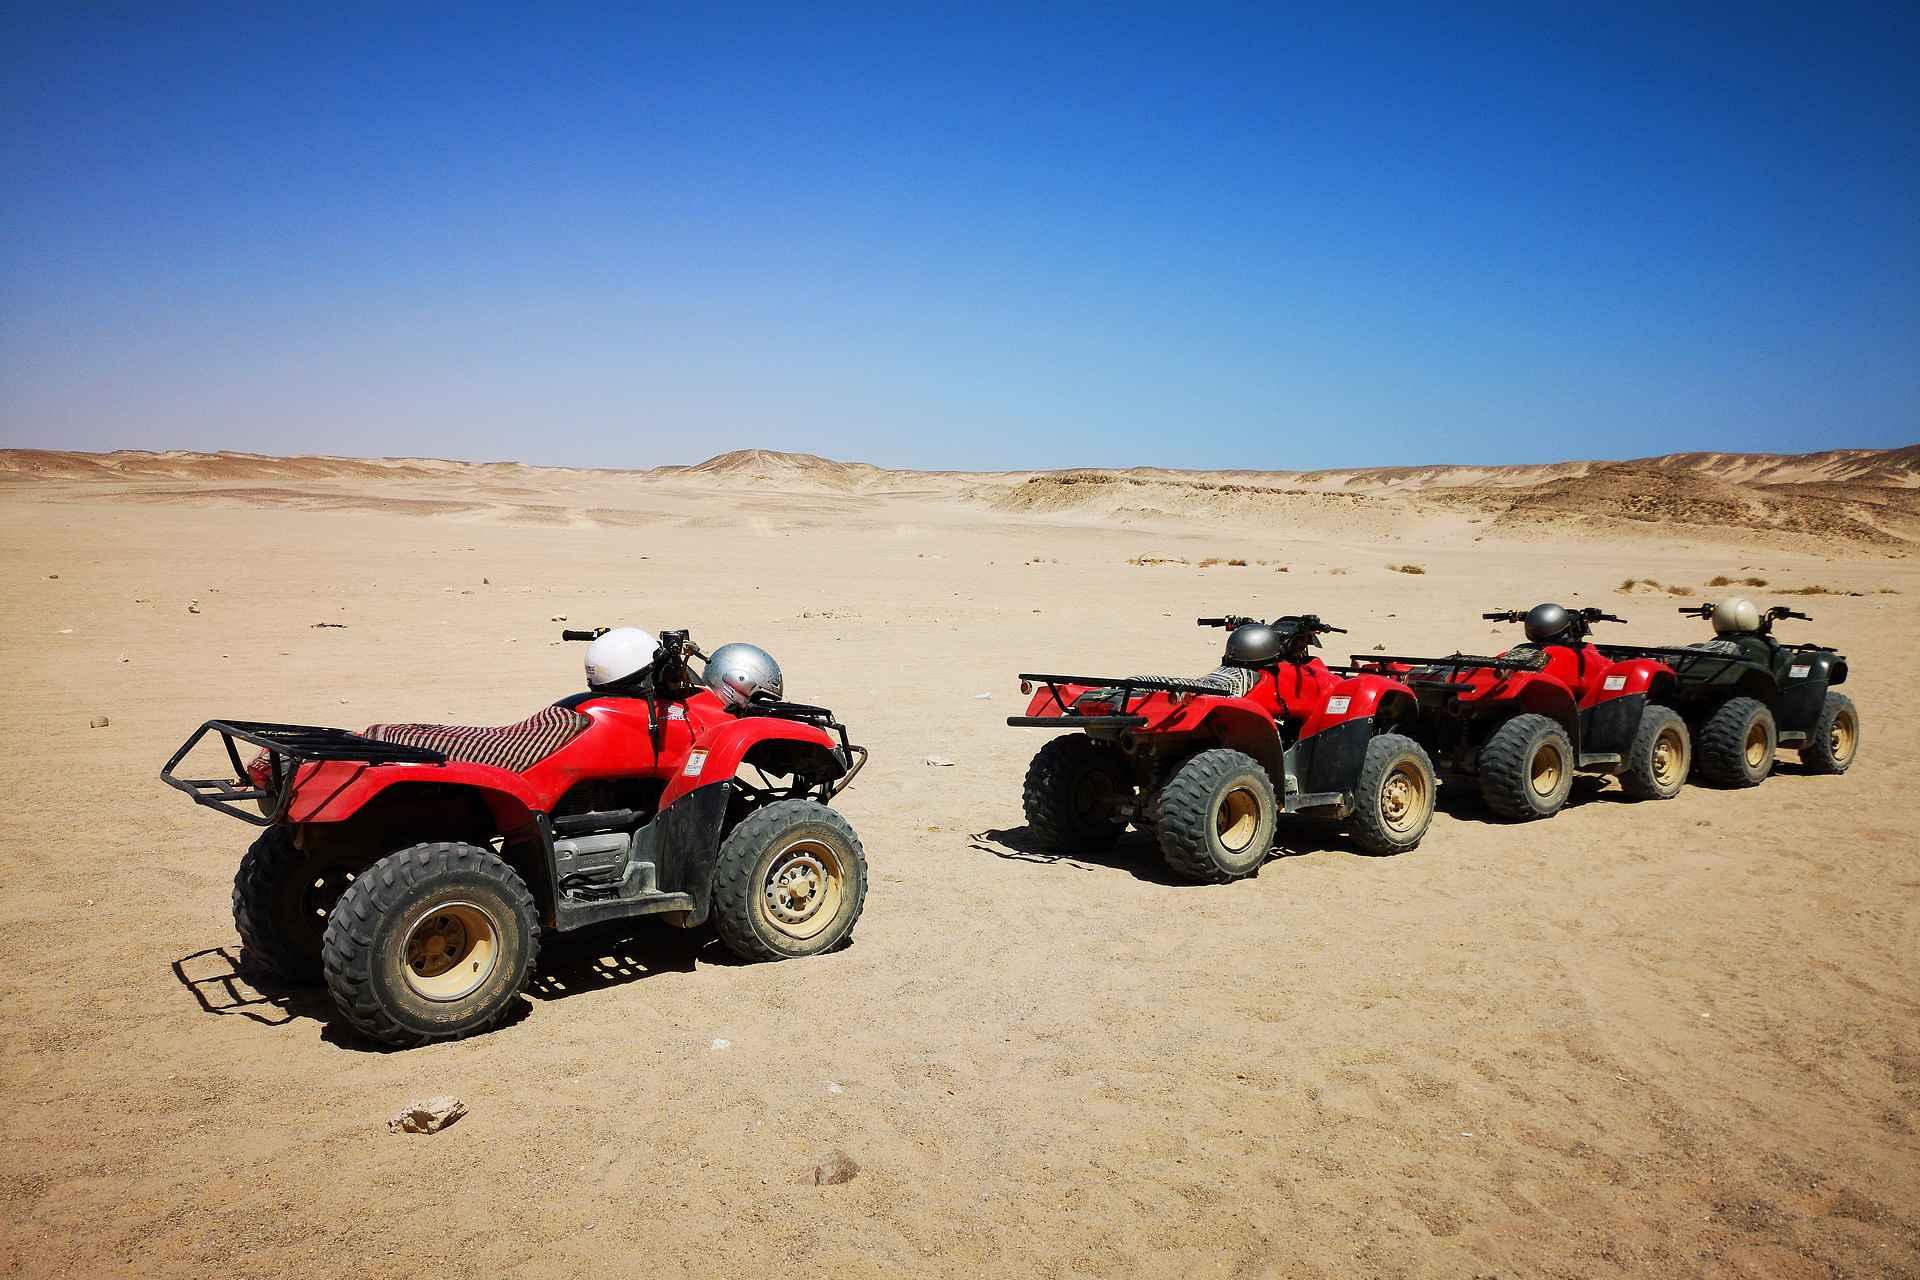 Maisemakuviin saa mukavasti syvyyttä mikäli kuvan etualalla on joku kohde katseenvangitsijana - tässä tapauksessa beduiiniteltan eteen pysäköidyt mönkijät aavikolla.